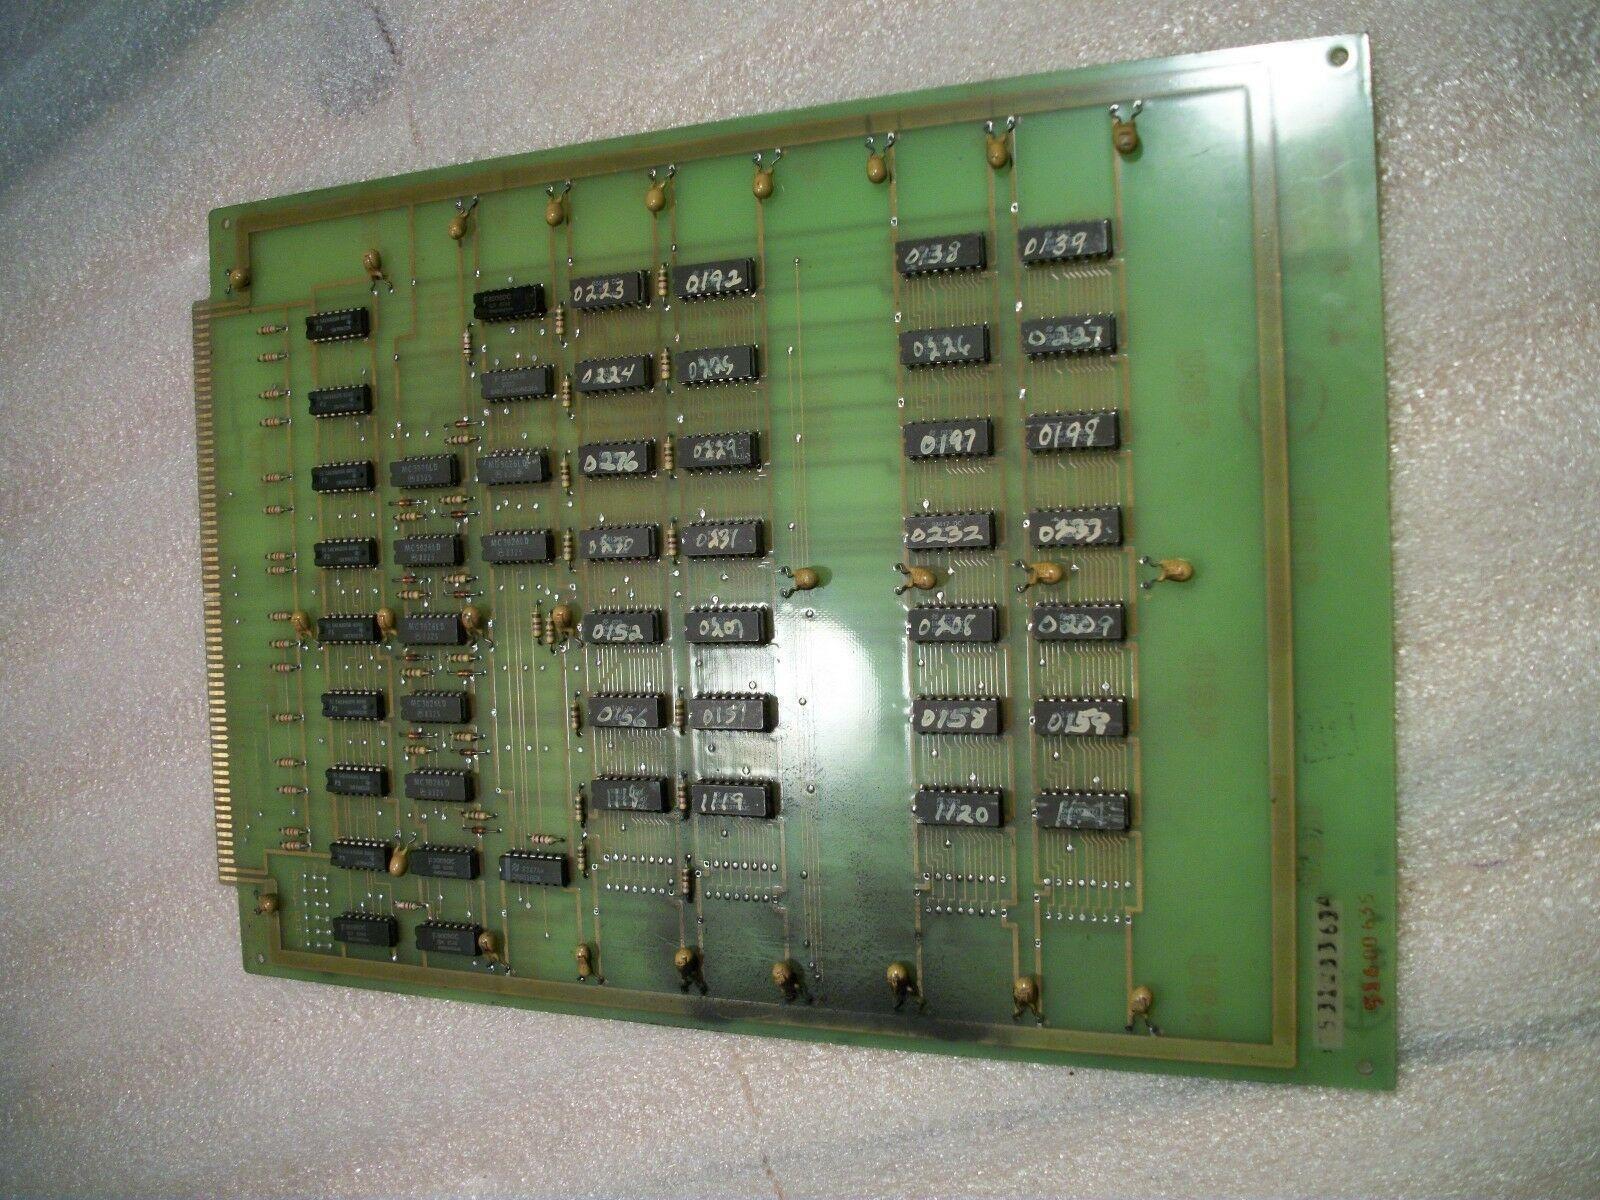 Cincinnati Acramatic Board # 3-531-3363A